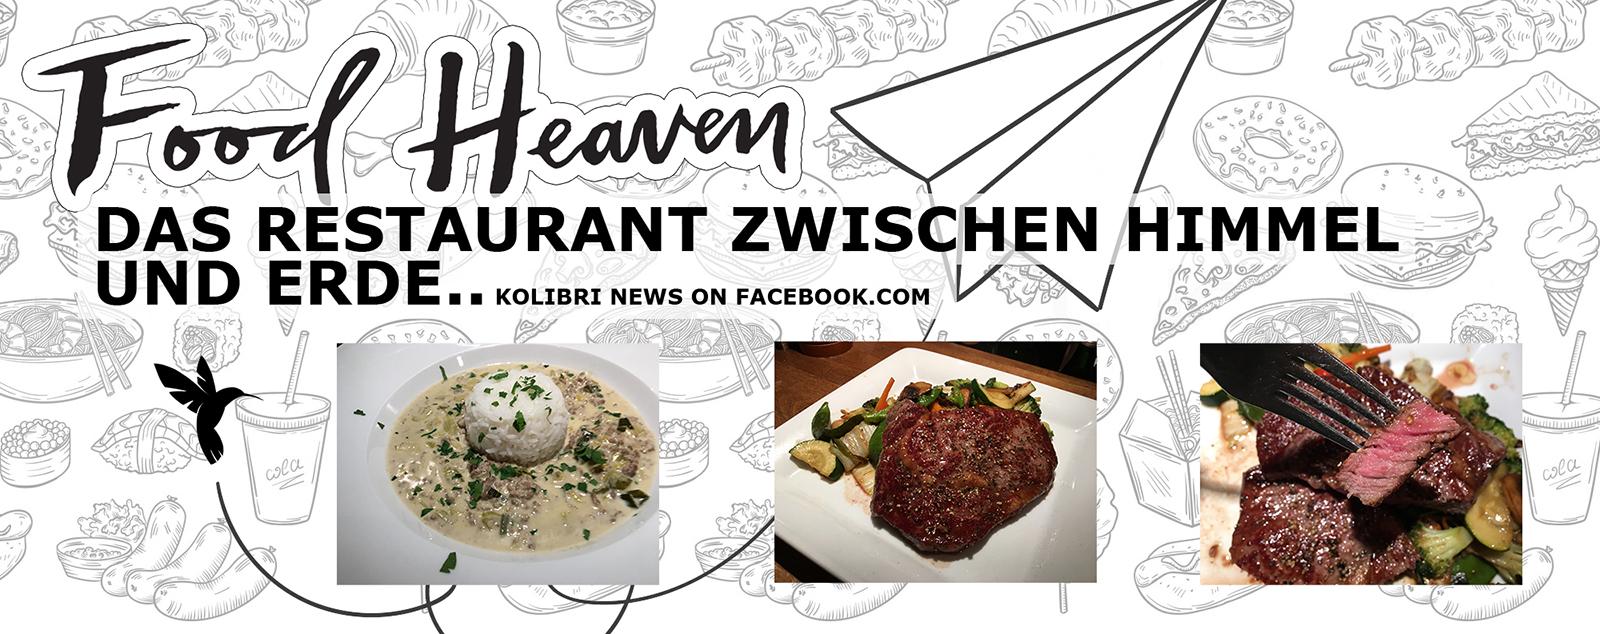 FOOD HEAVEN. Kolibri, das Restaurant zwischen Himmel und Erde.